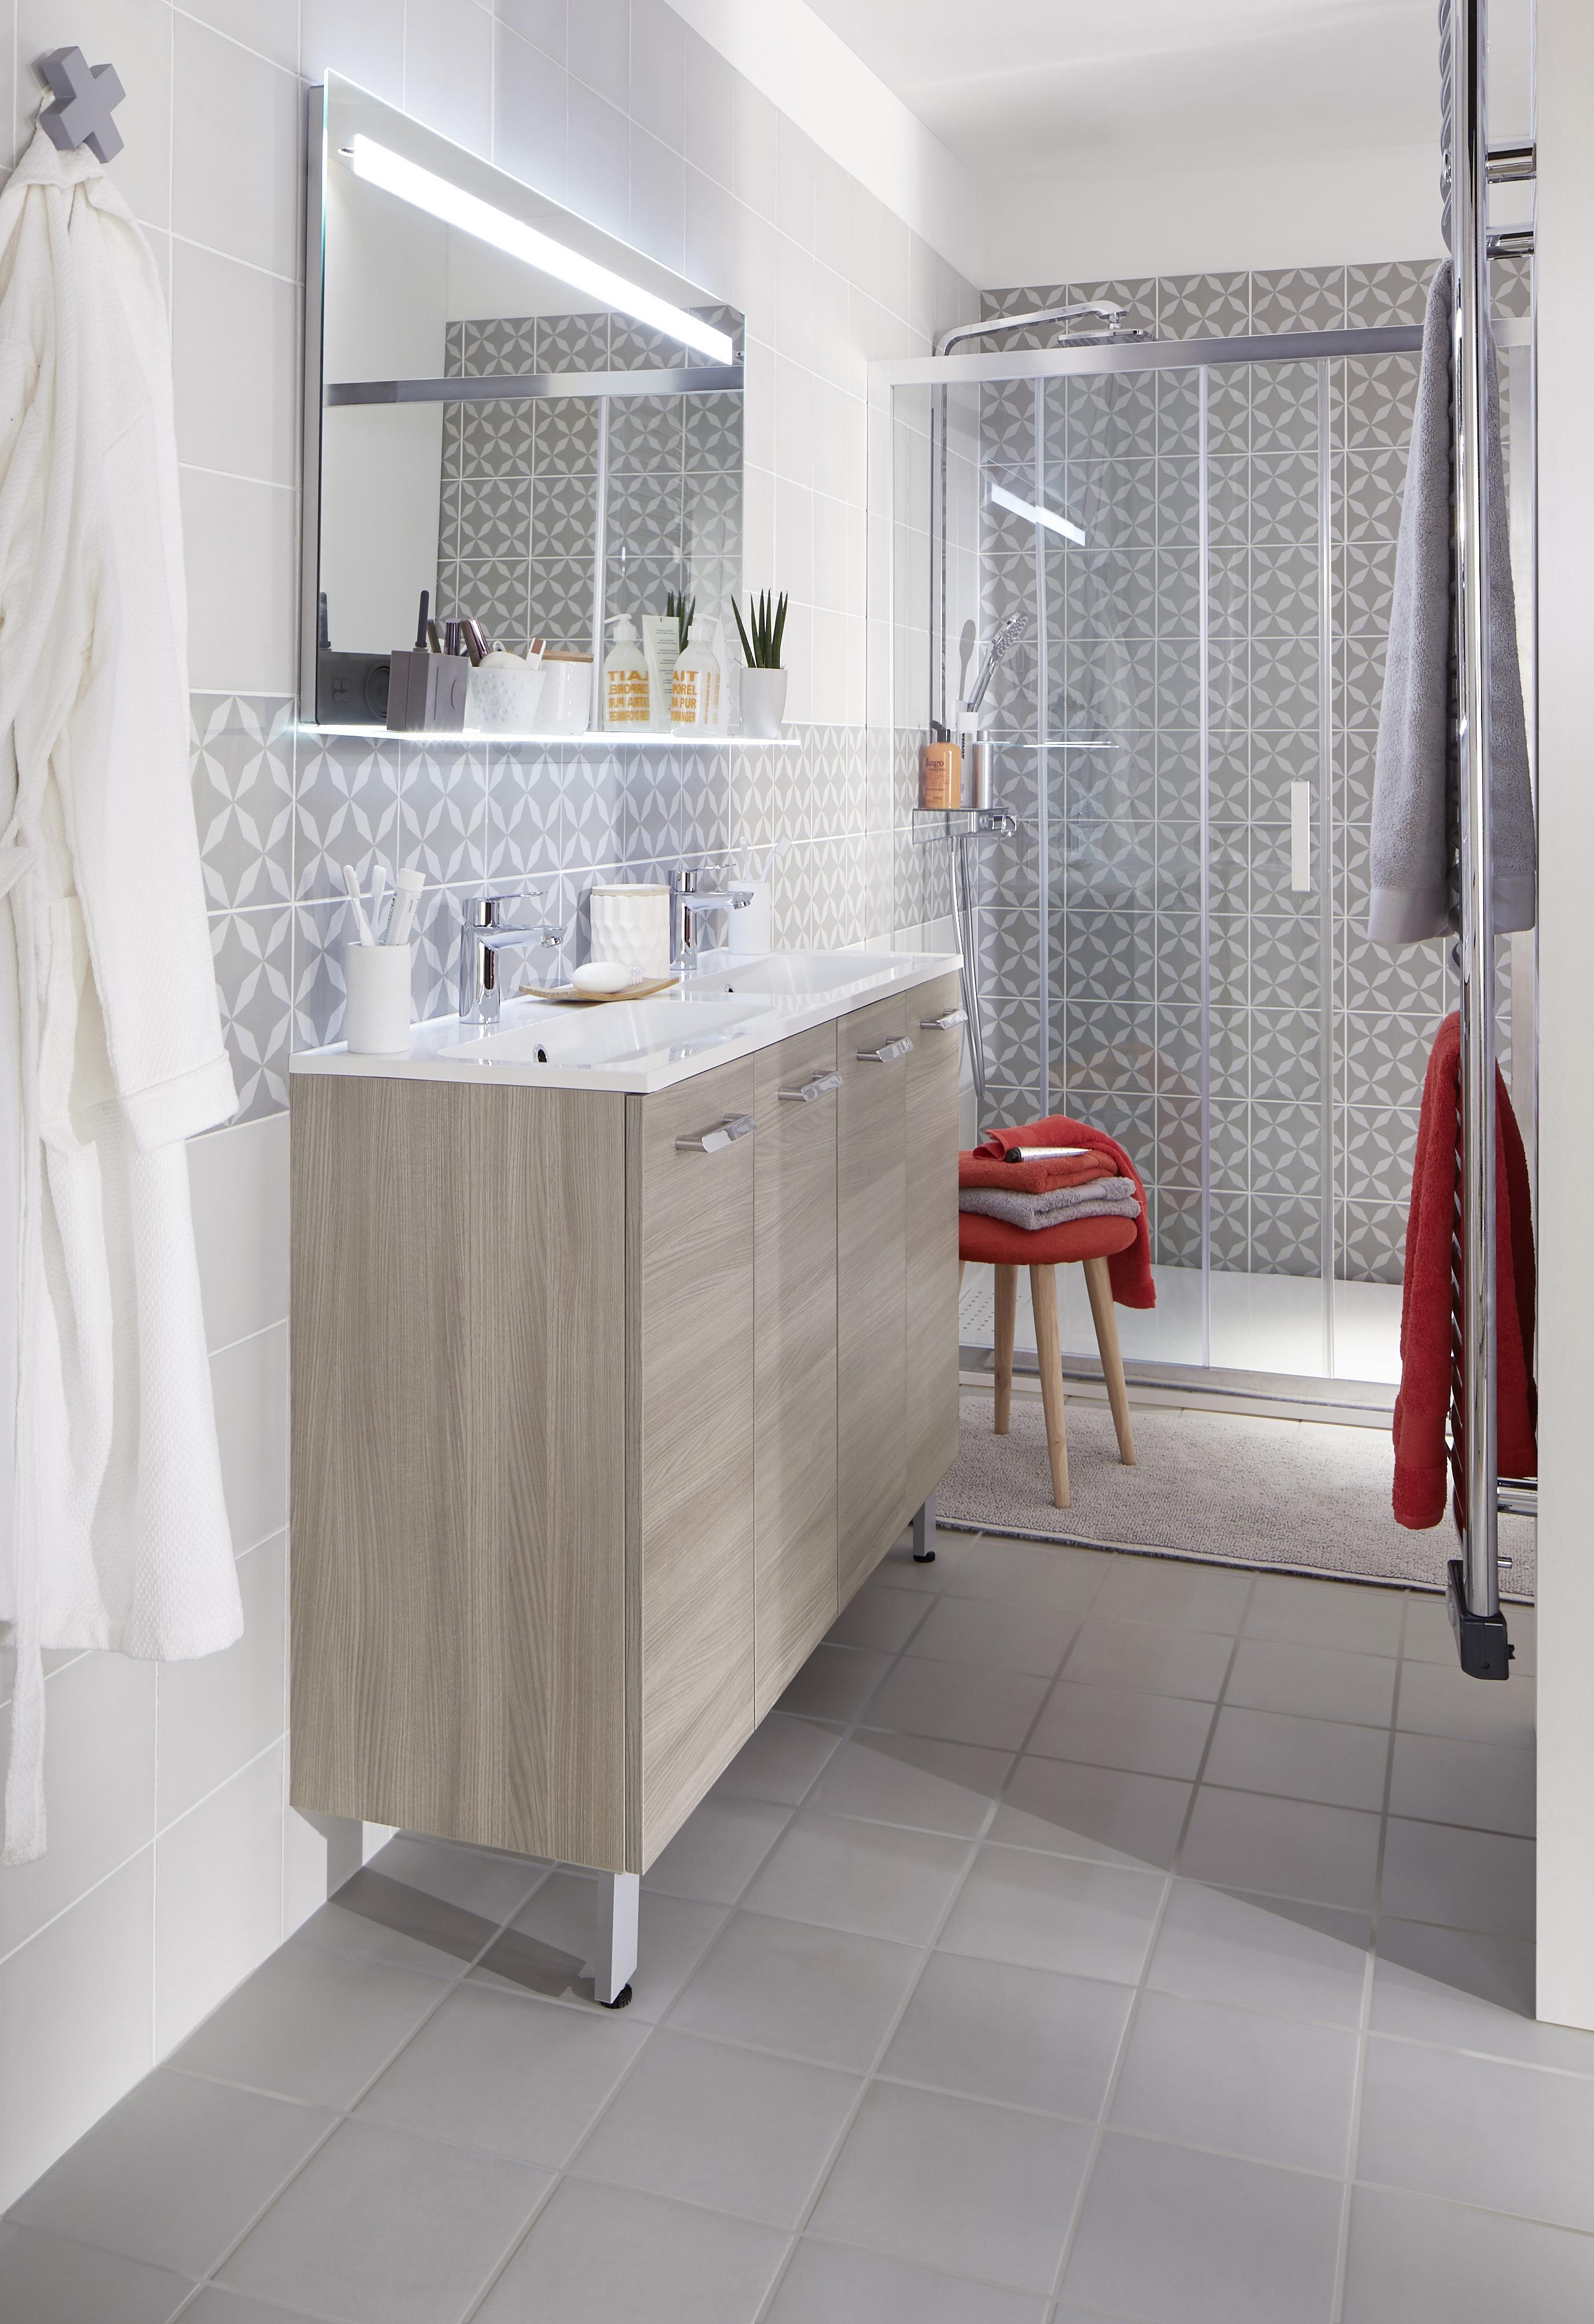 18 LAPEYRE meuble creamix 18 cm gain de place - Lapeyre Presse